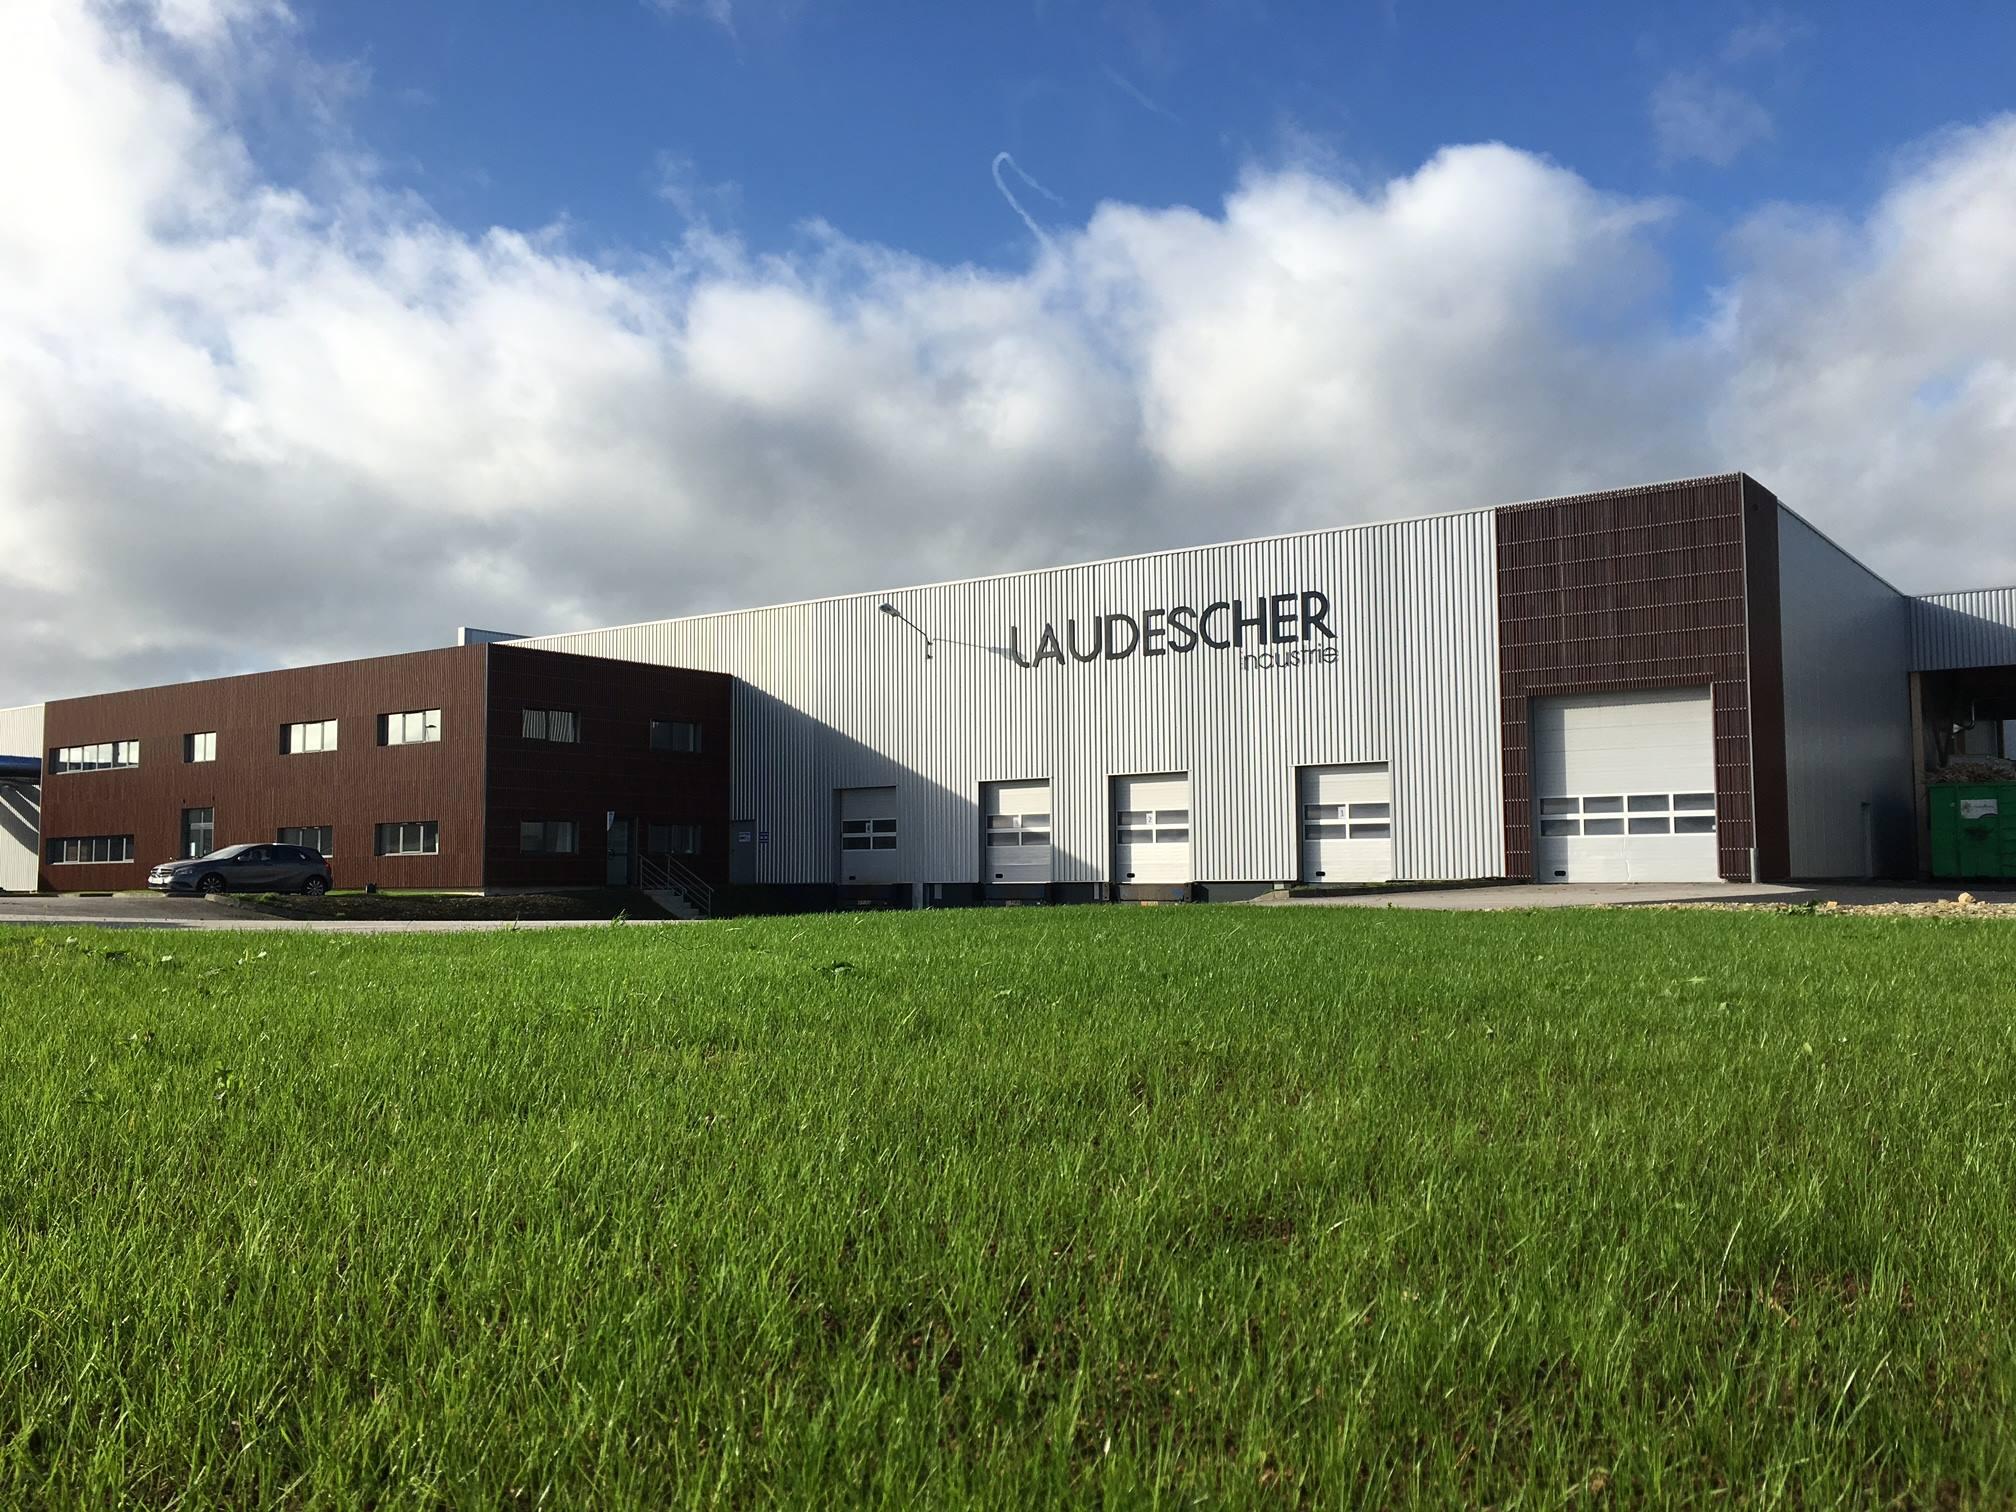 Laudescher Industrie